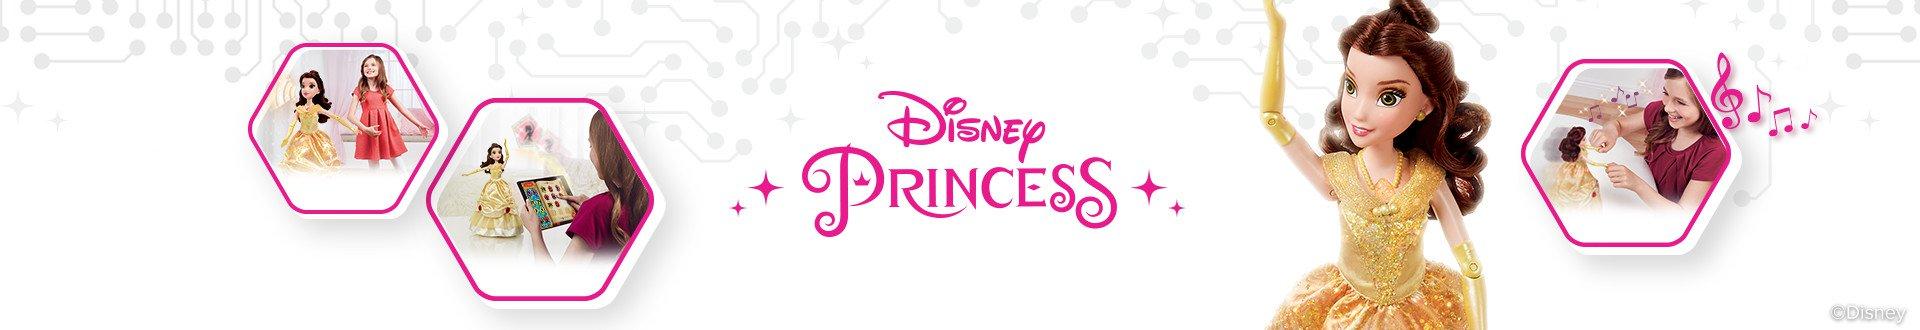 Disney Princess Hasbro